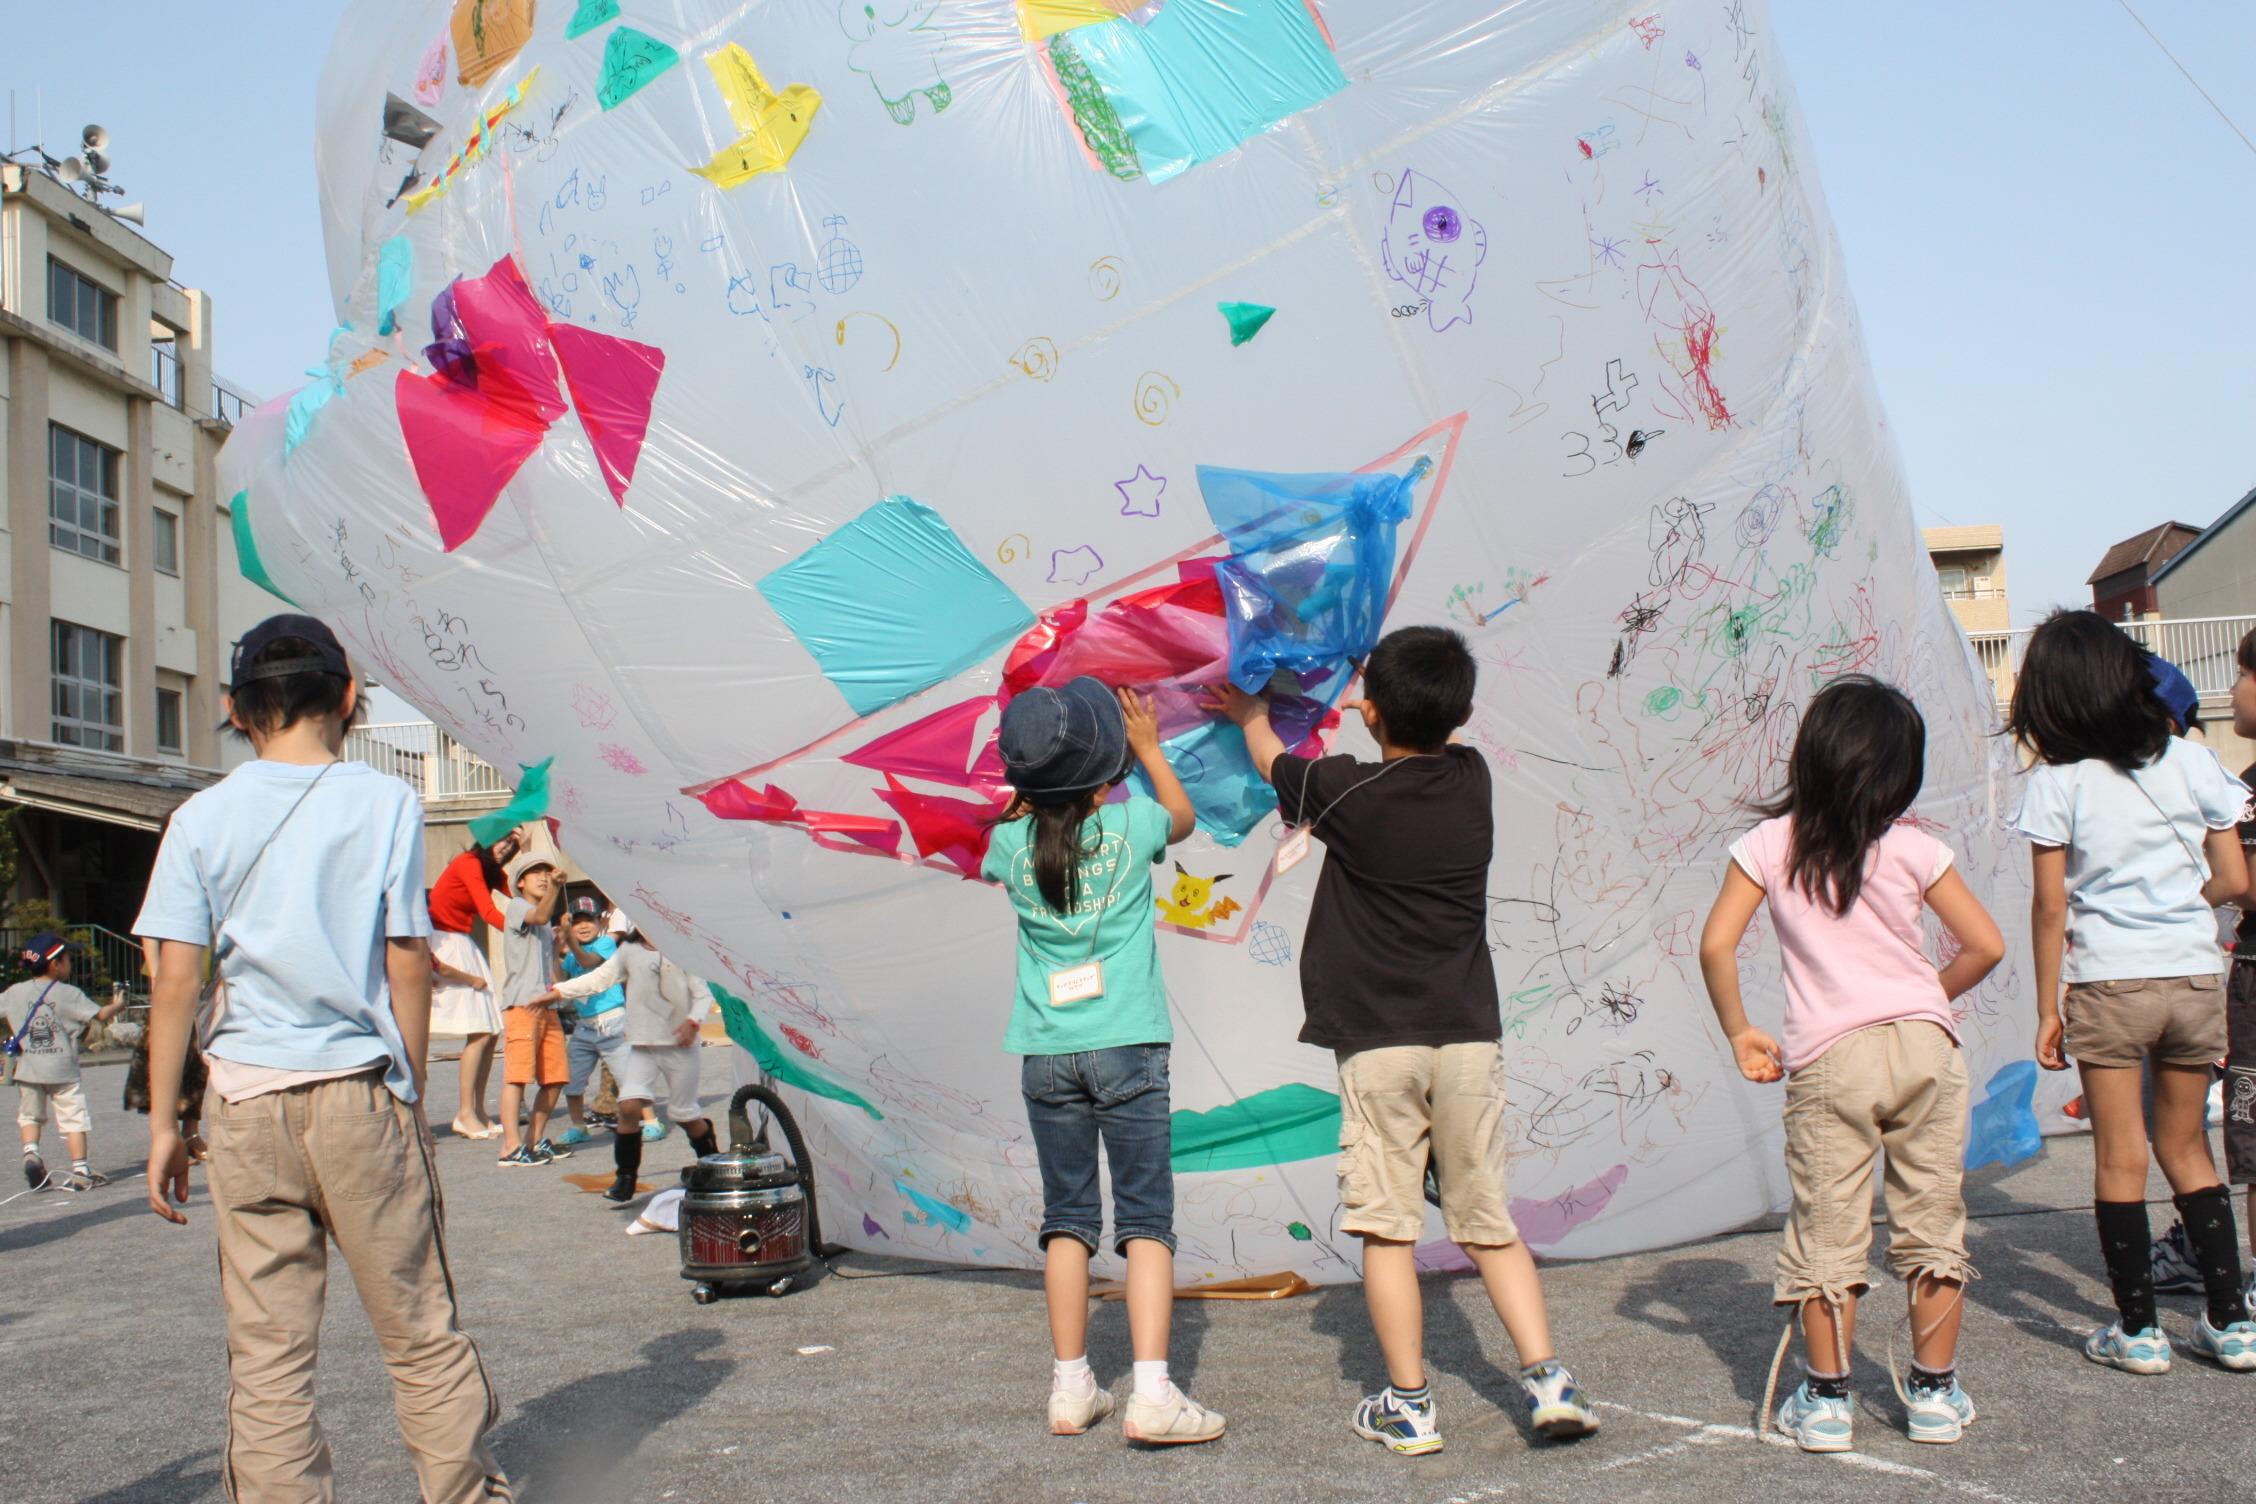 みんなでつくる空気とビニール袋の造形